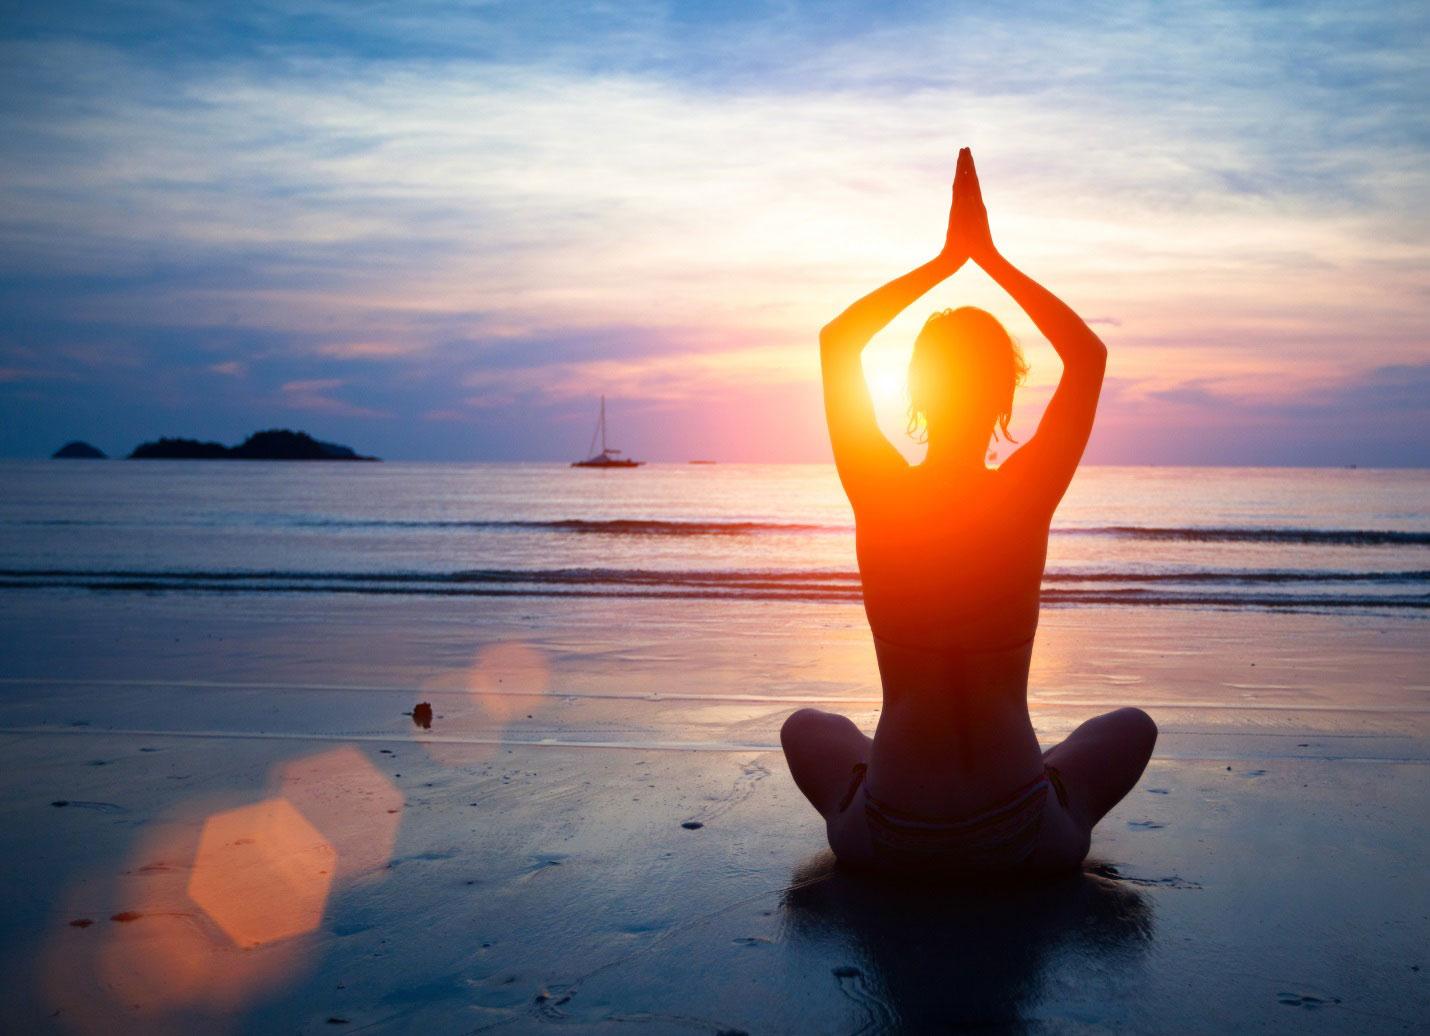 Ingin Memulai Yoga? Ini yang Harus Kamu Perhatikan!